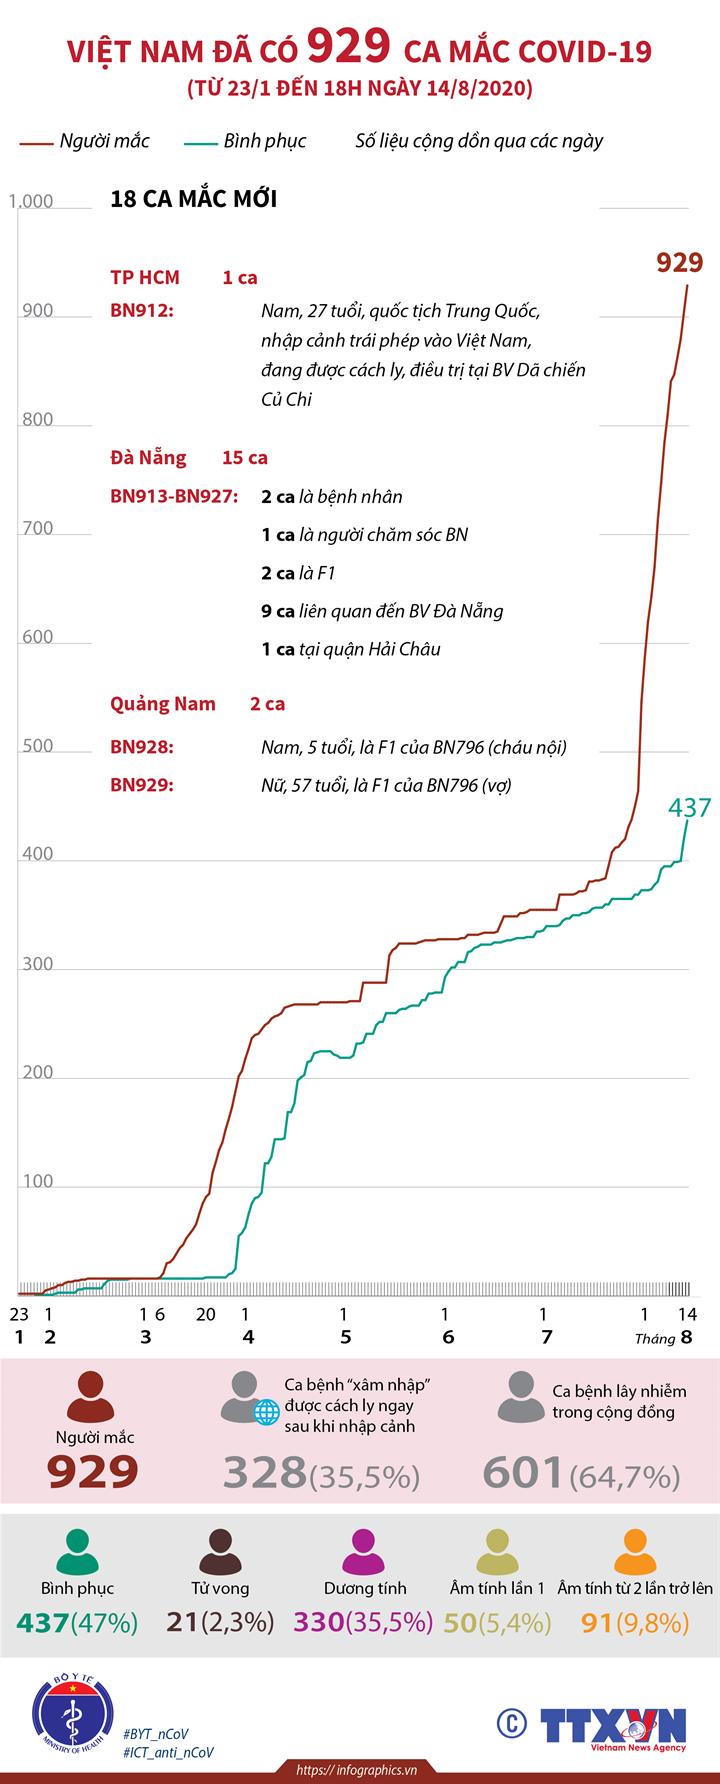 Việt Nam đã có 929 ca mắc COVID-19 (từ 23/1 đến 18h ngày 14/8/2020)